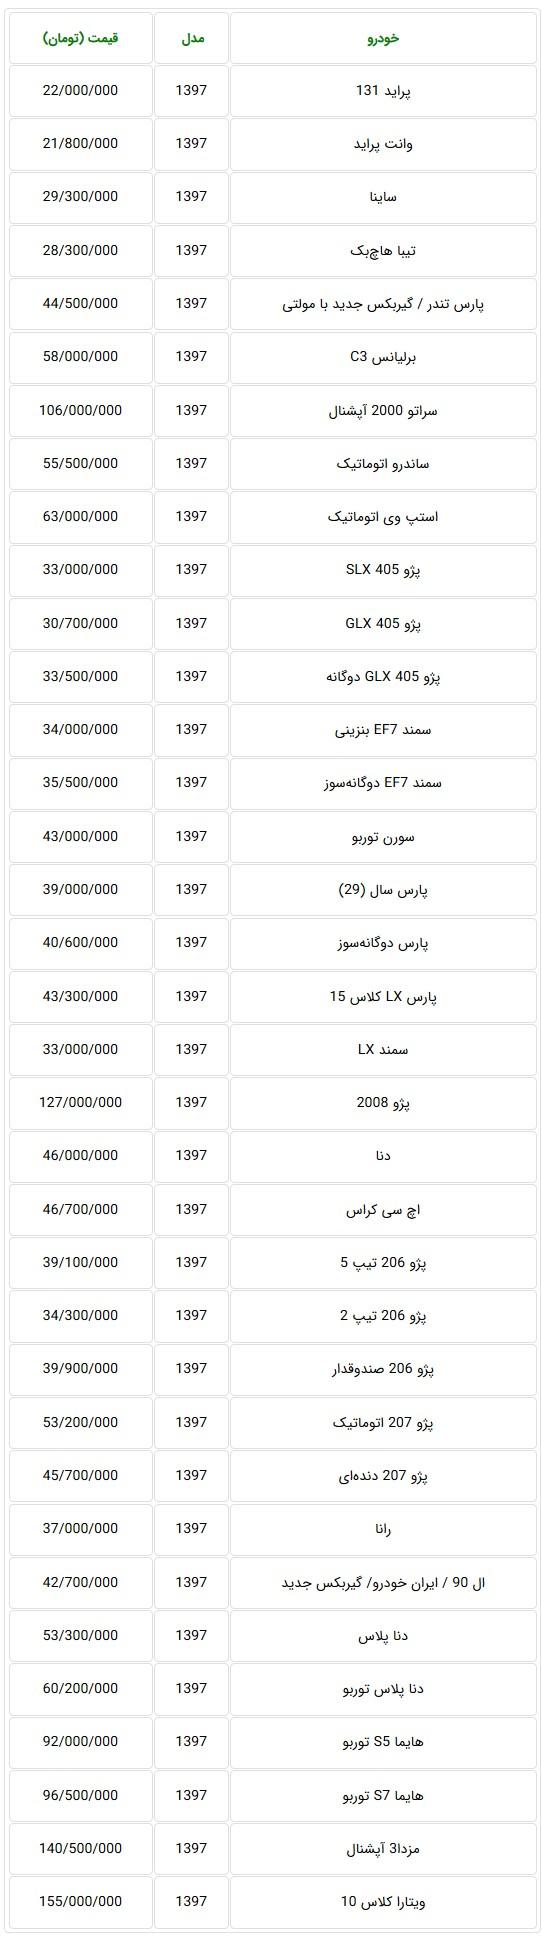 جدول قیمت جدید خودروهای تولید داخل مدل 97 در بازار تهران